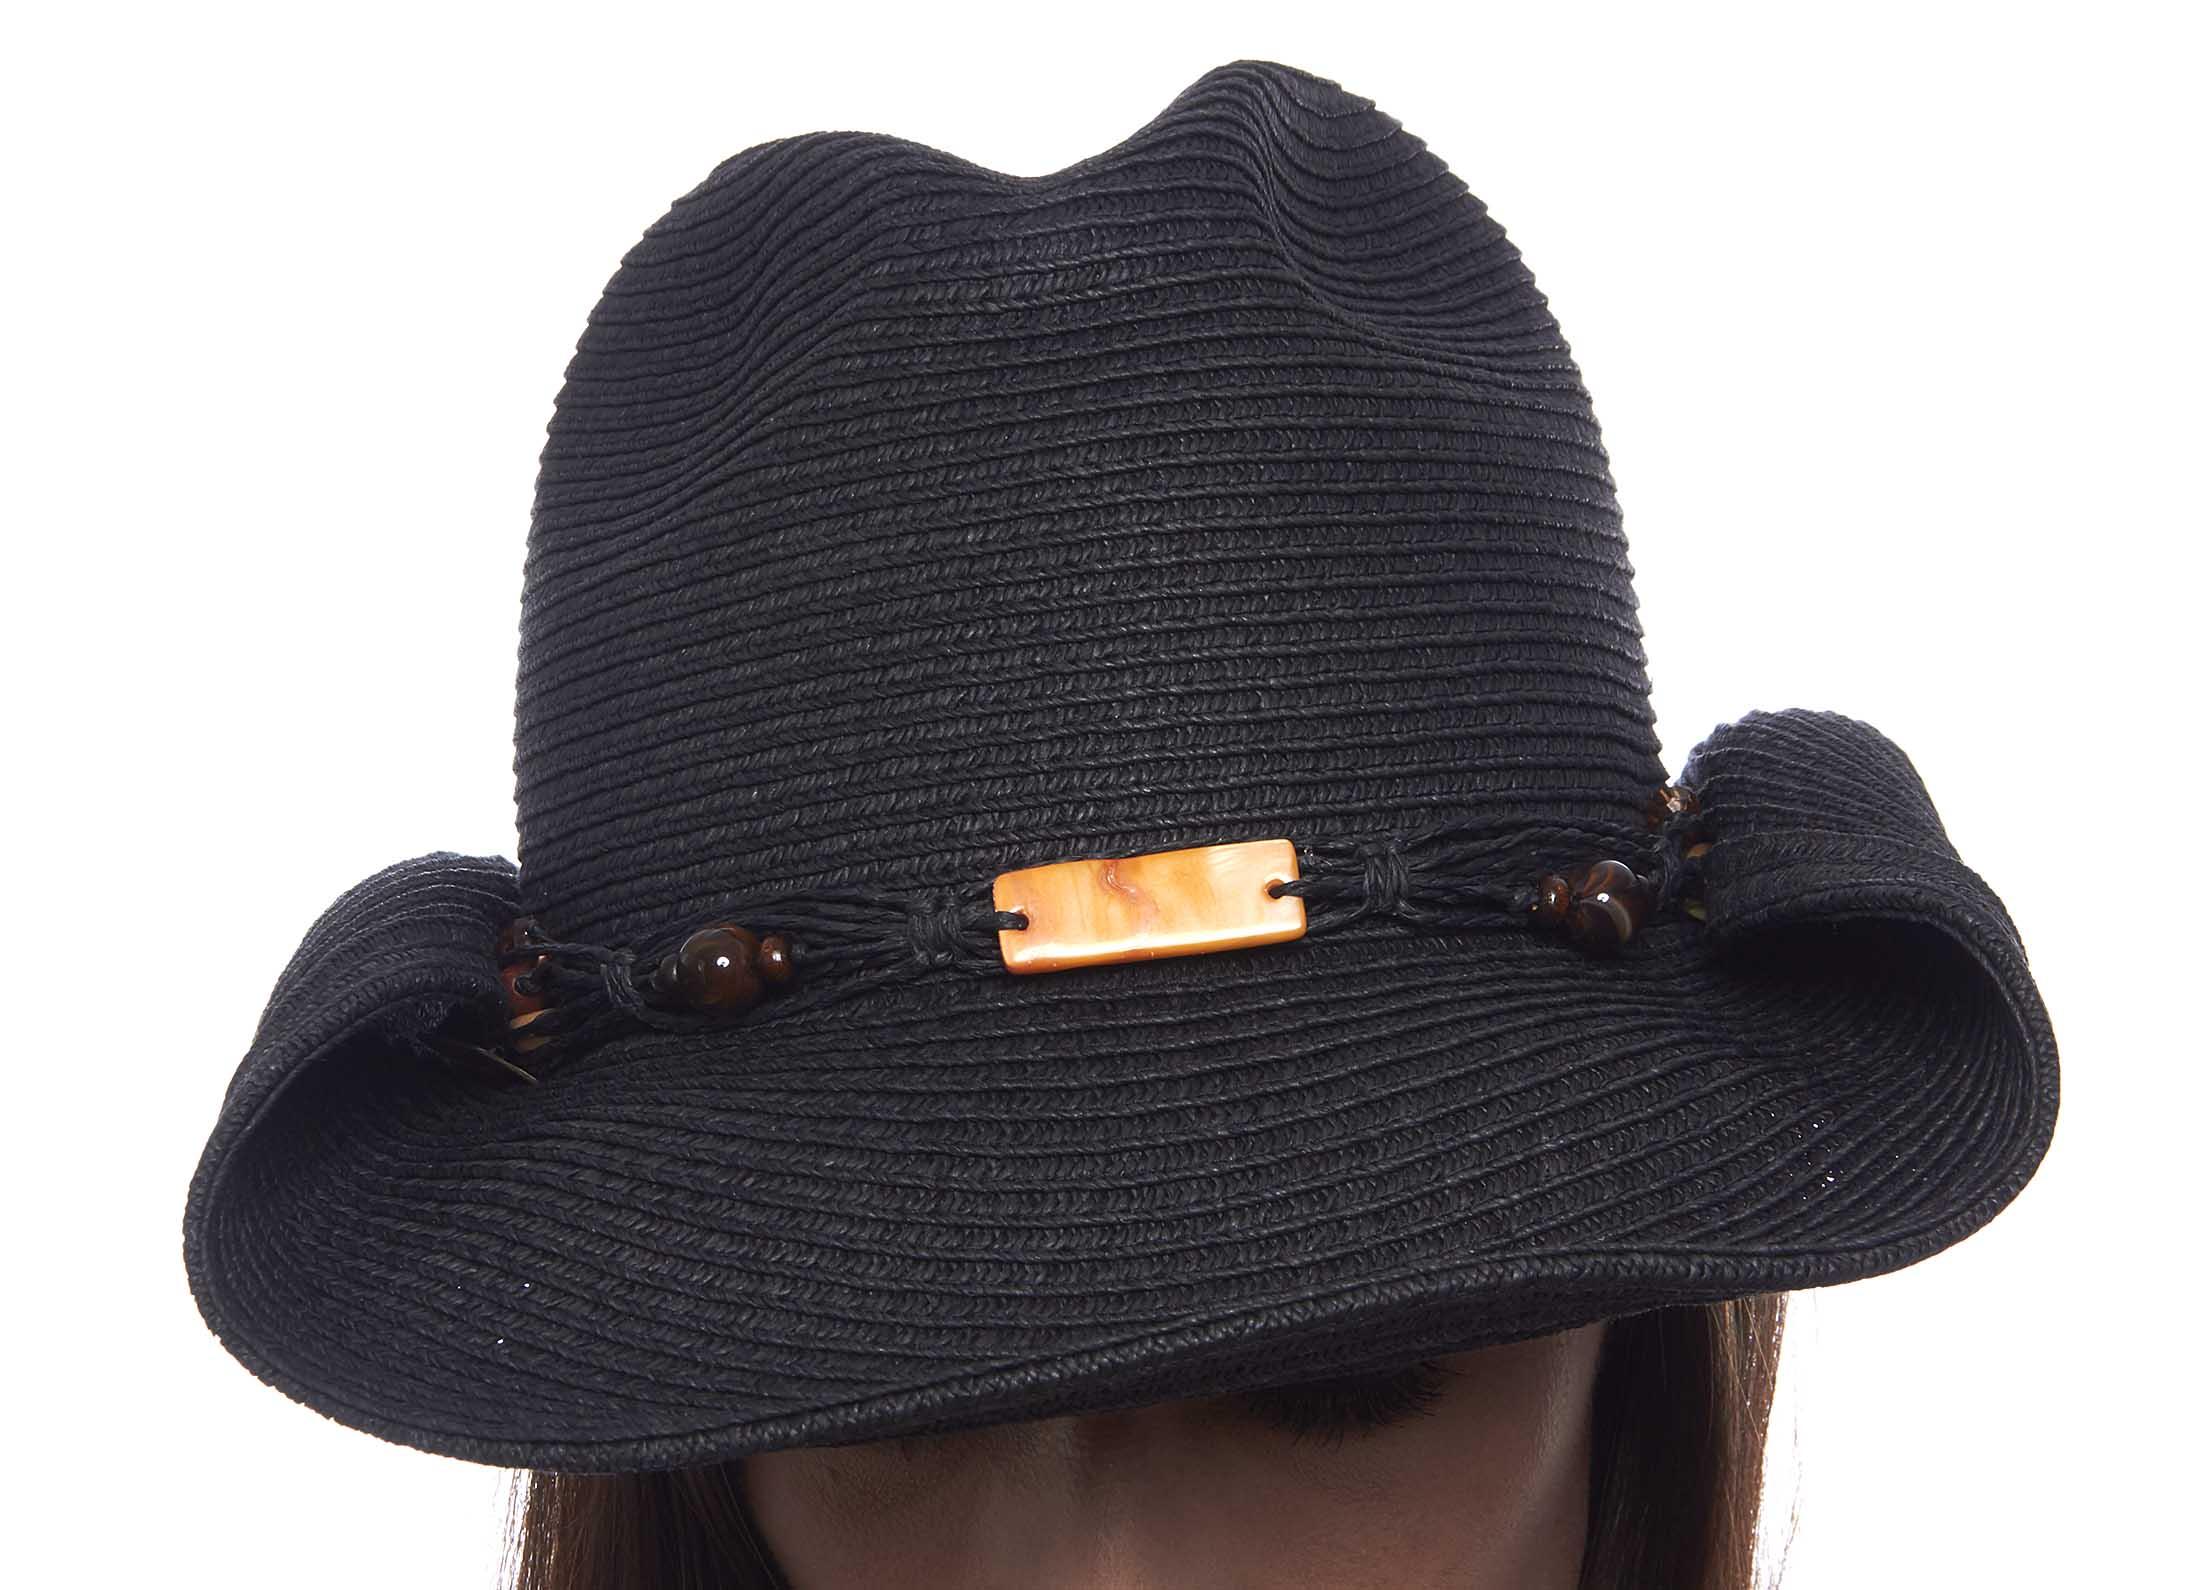 4fb9765f7 Rolled Brim Cowboy Hats Related Keywords & Suggestions - Rolled Brim ...